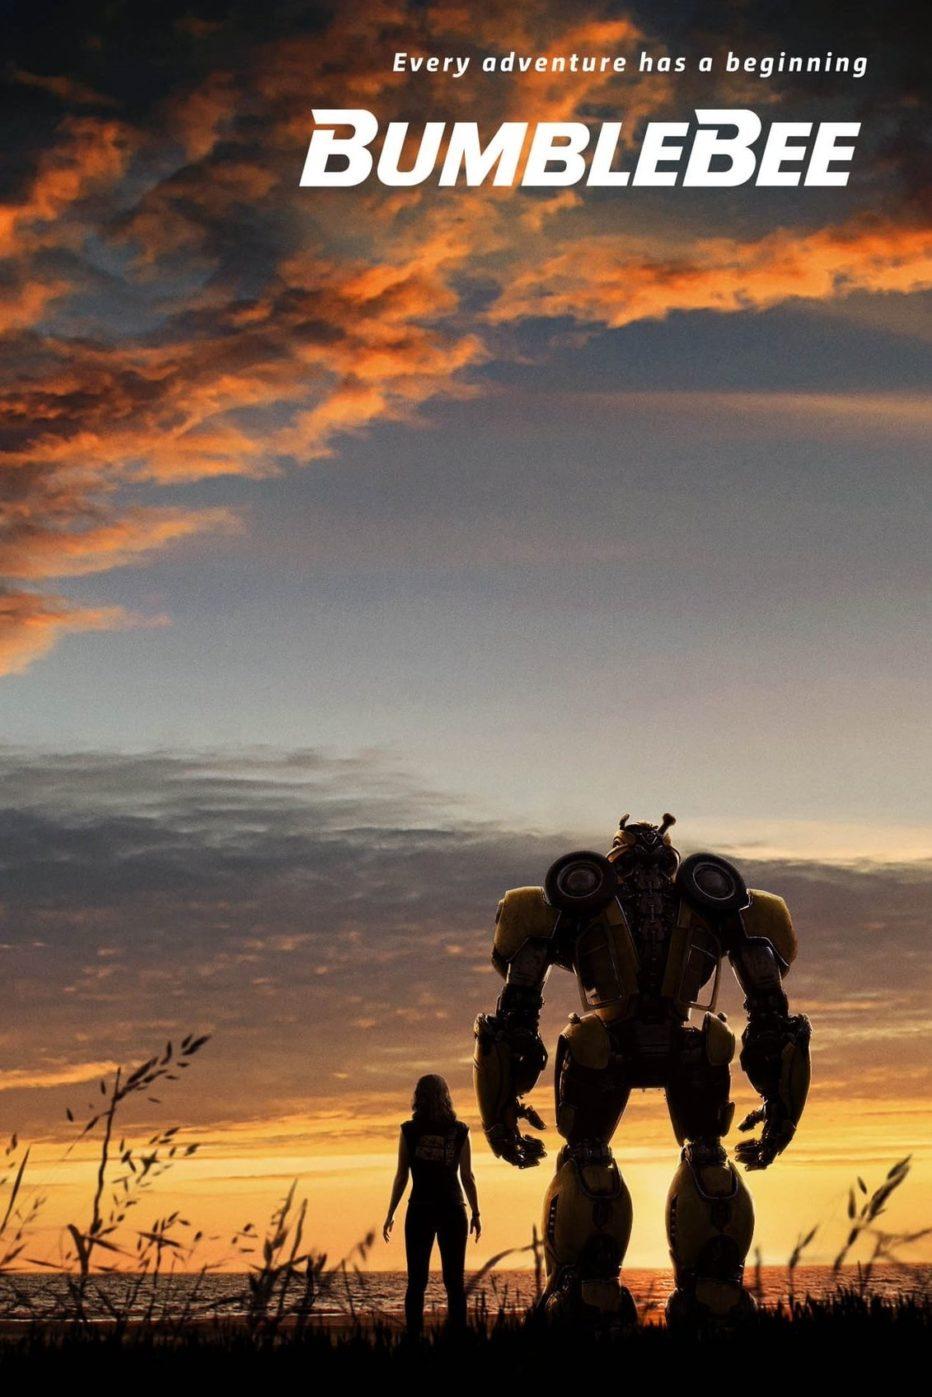 Primer trailer de Bumblebee, el spin-off de Transformers